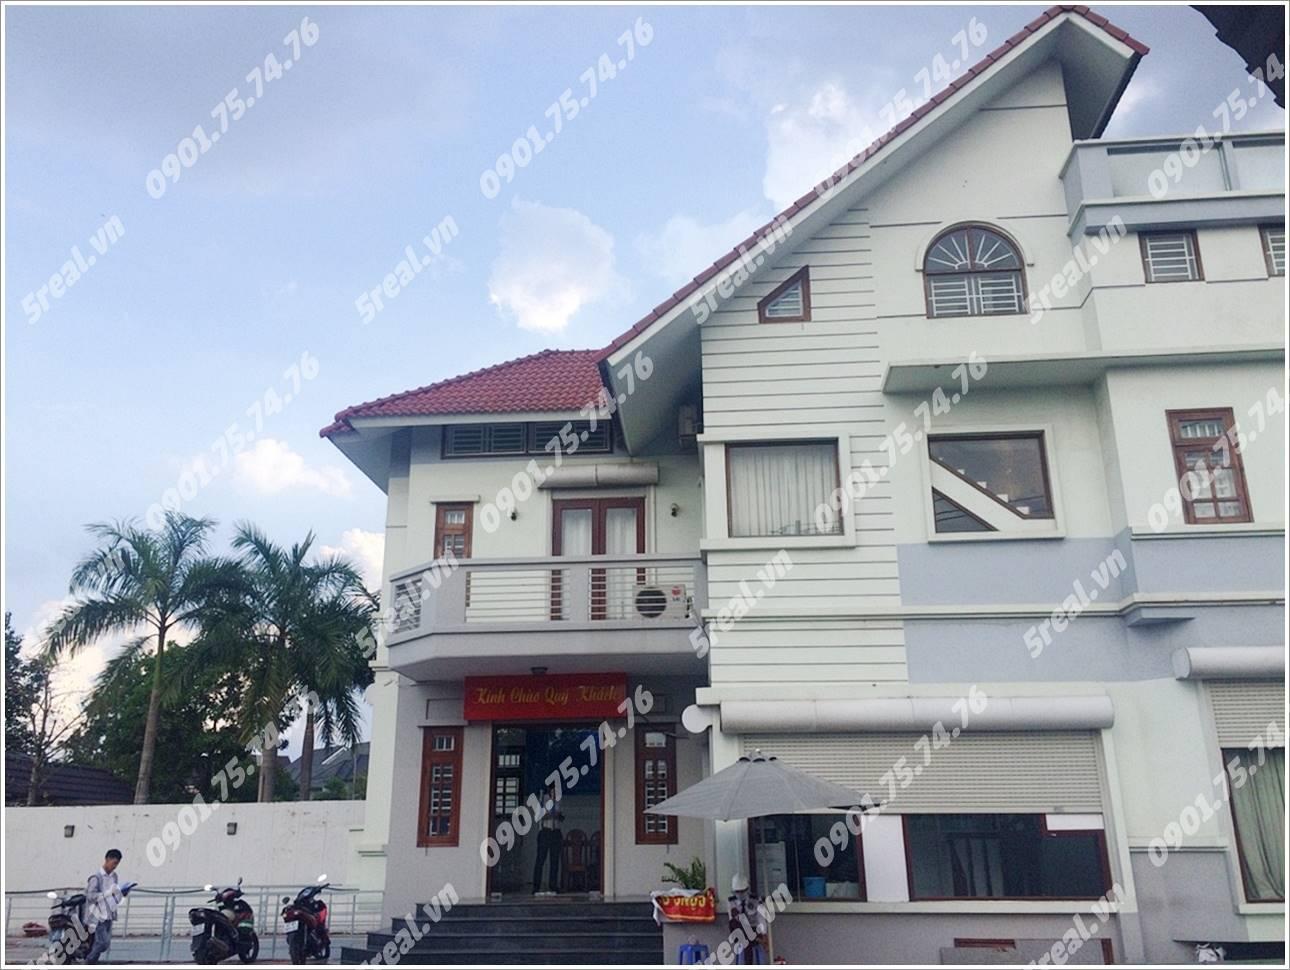 thai-son-building-nguyen-duy-trinh-quan-9-van-phong-cho-thue-tphcm-5real.vn-01